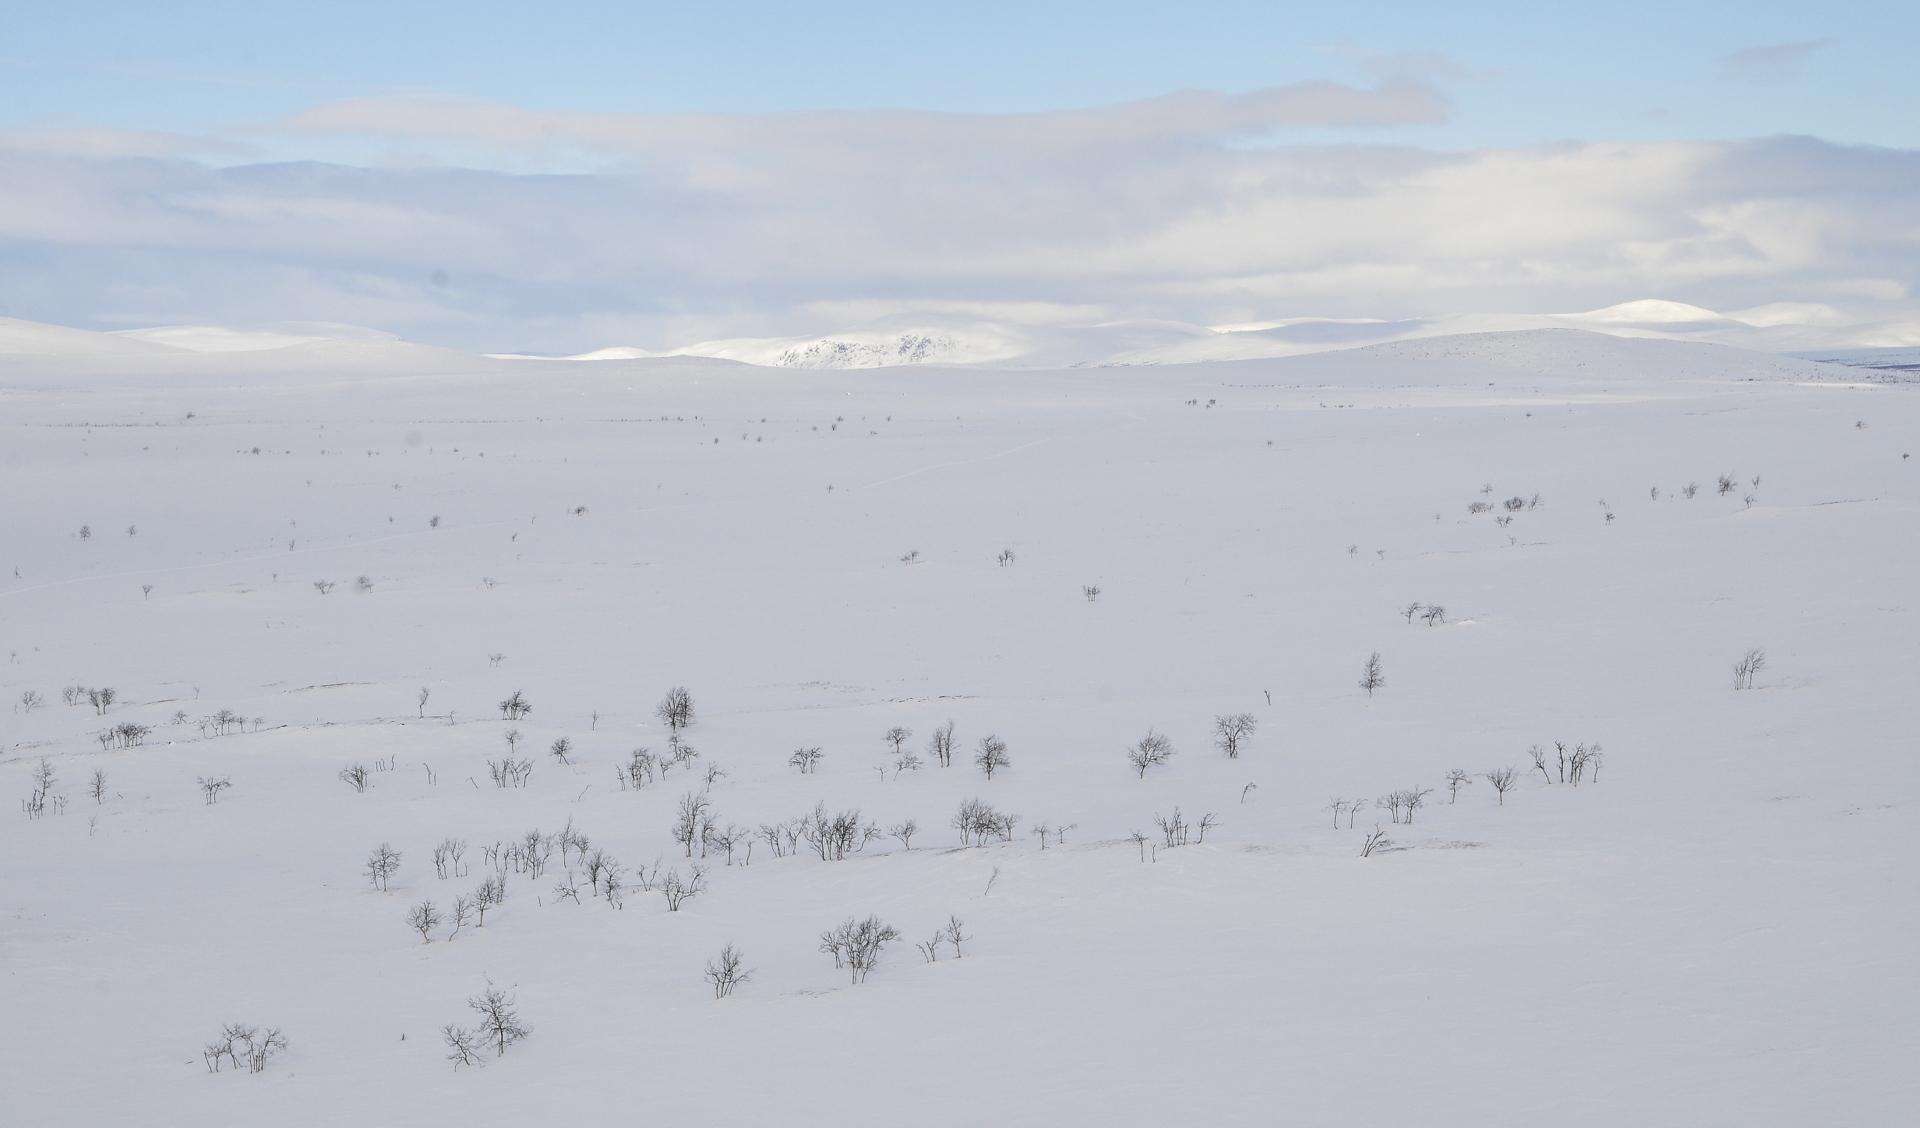 Nyt otan suunnan suoraan etelää kohden Govagorsagiervarria kohti ja maasto alkaa kohota ylemmäksi.